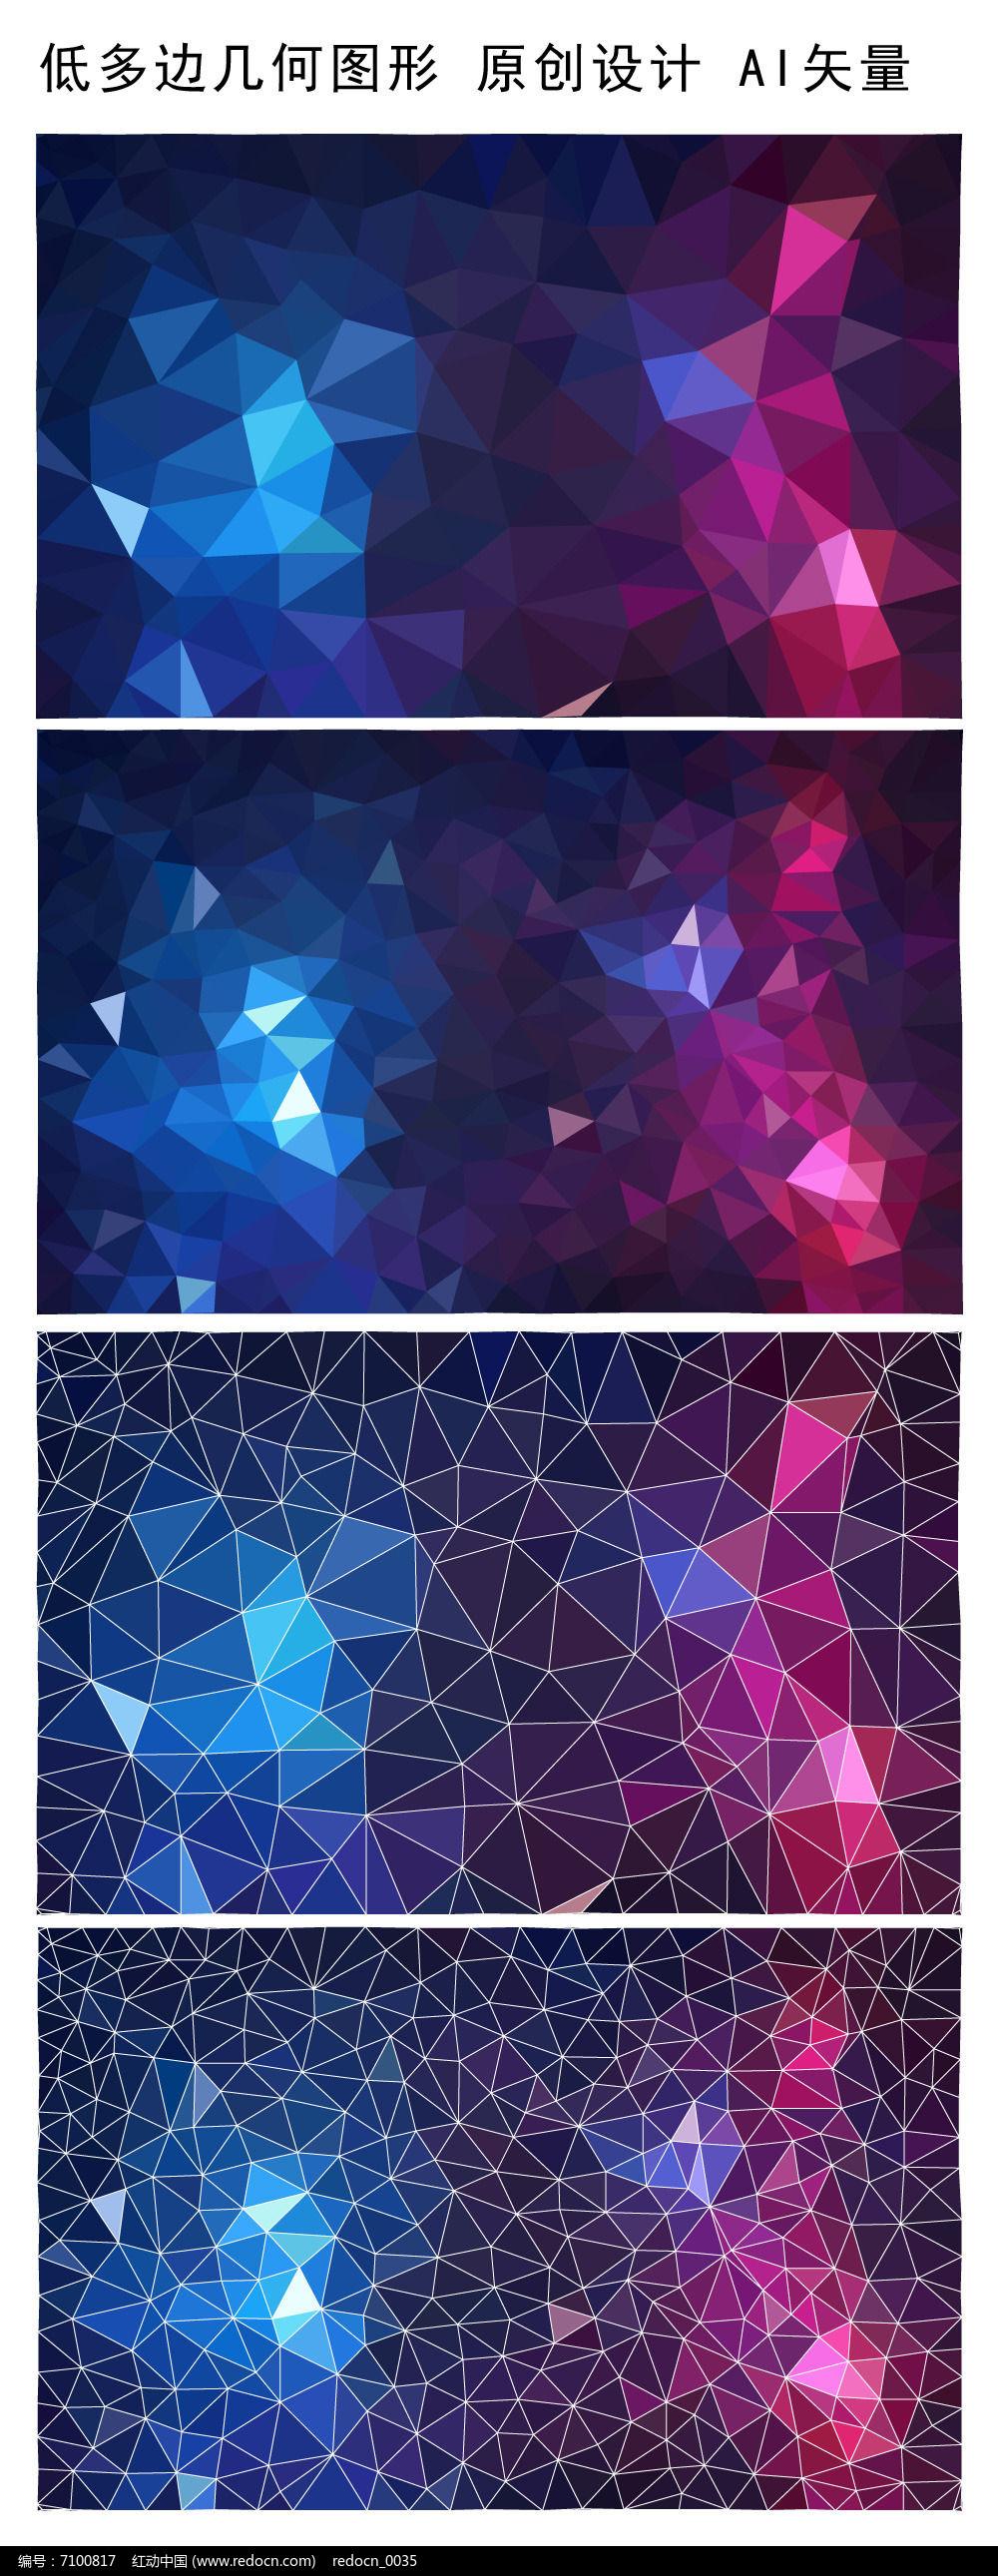 炫彩紫蓝动感背景图片